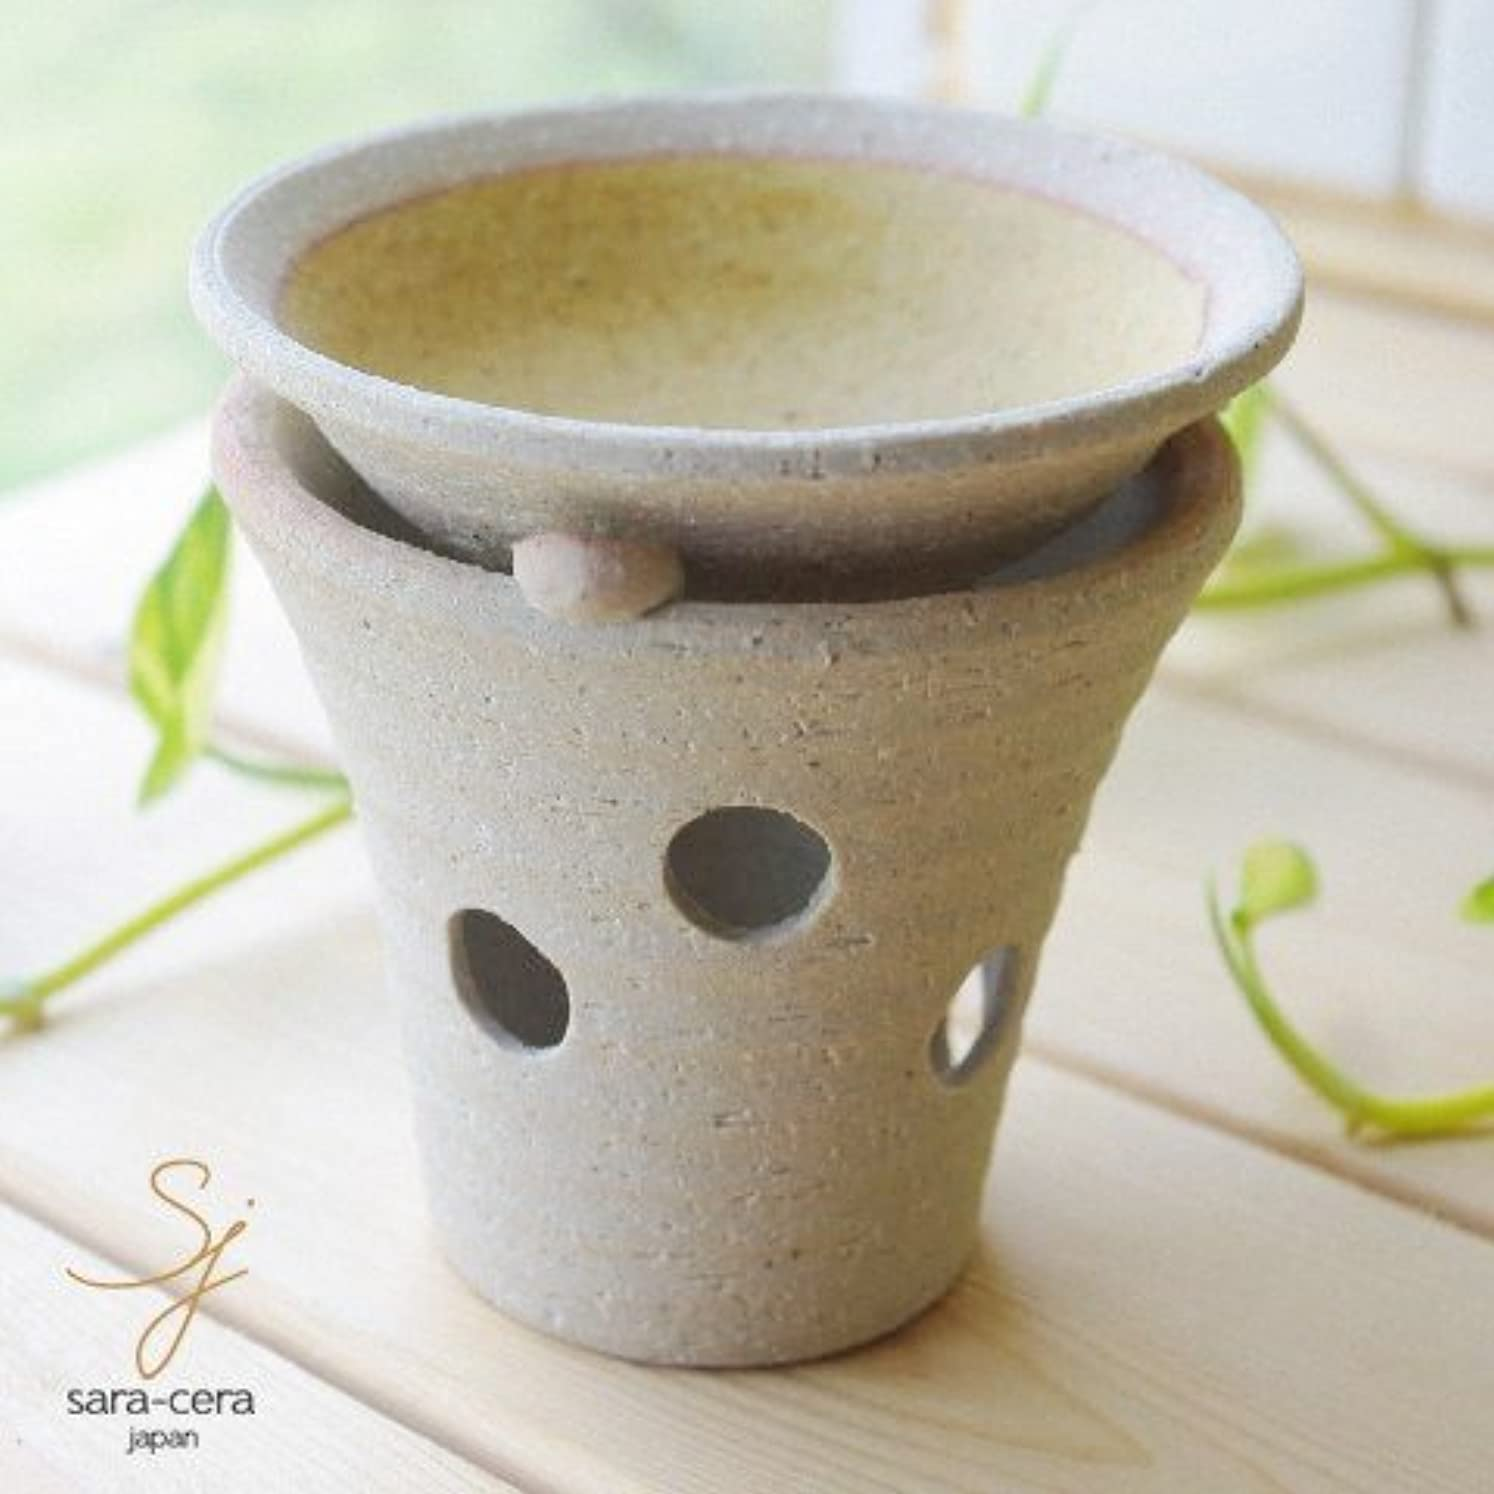 陰気平らにする鎮痛剤松助窯 手作り茶香炉セット 黄釉 イエロー アロマ 和食器 リビング